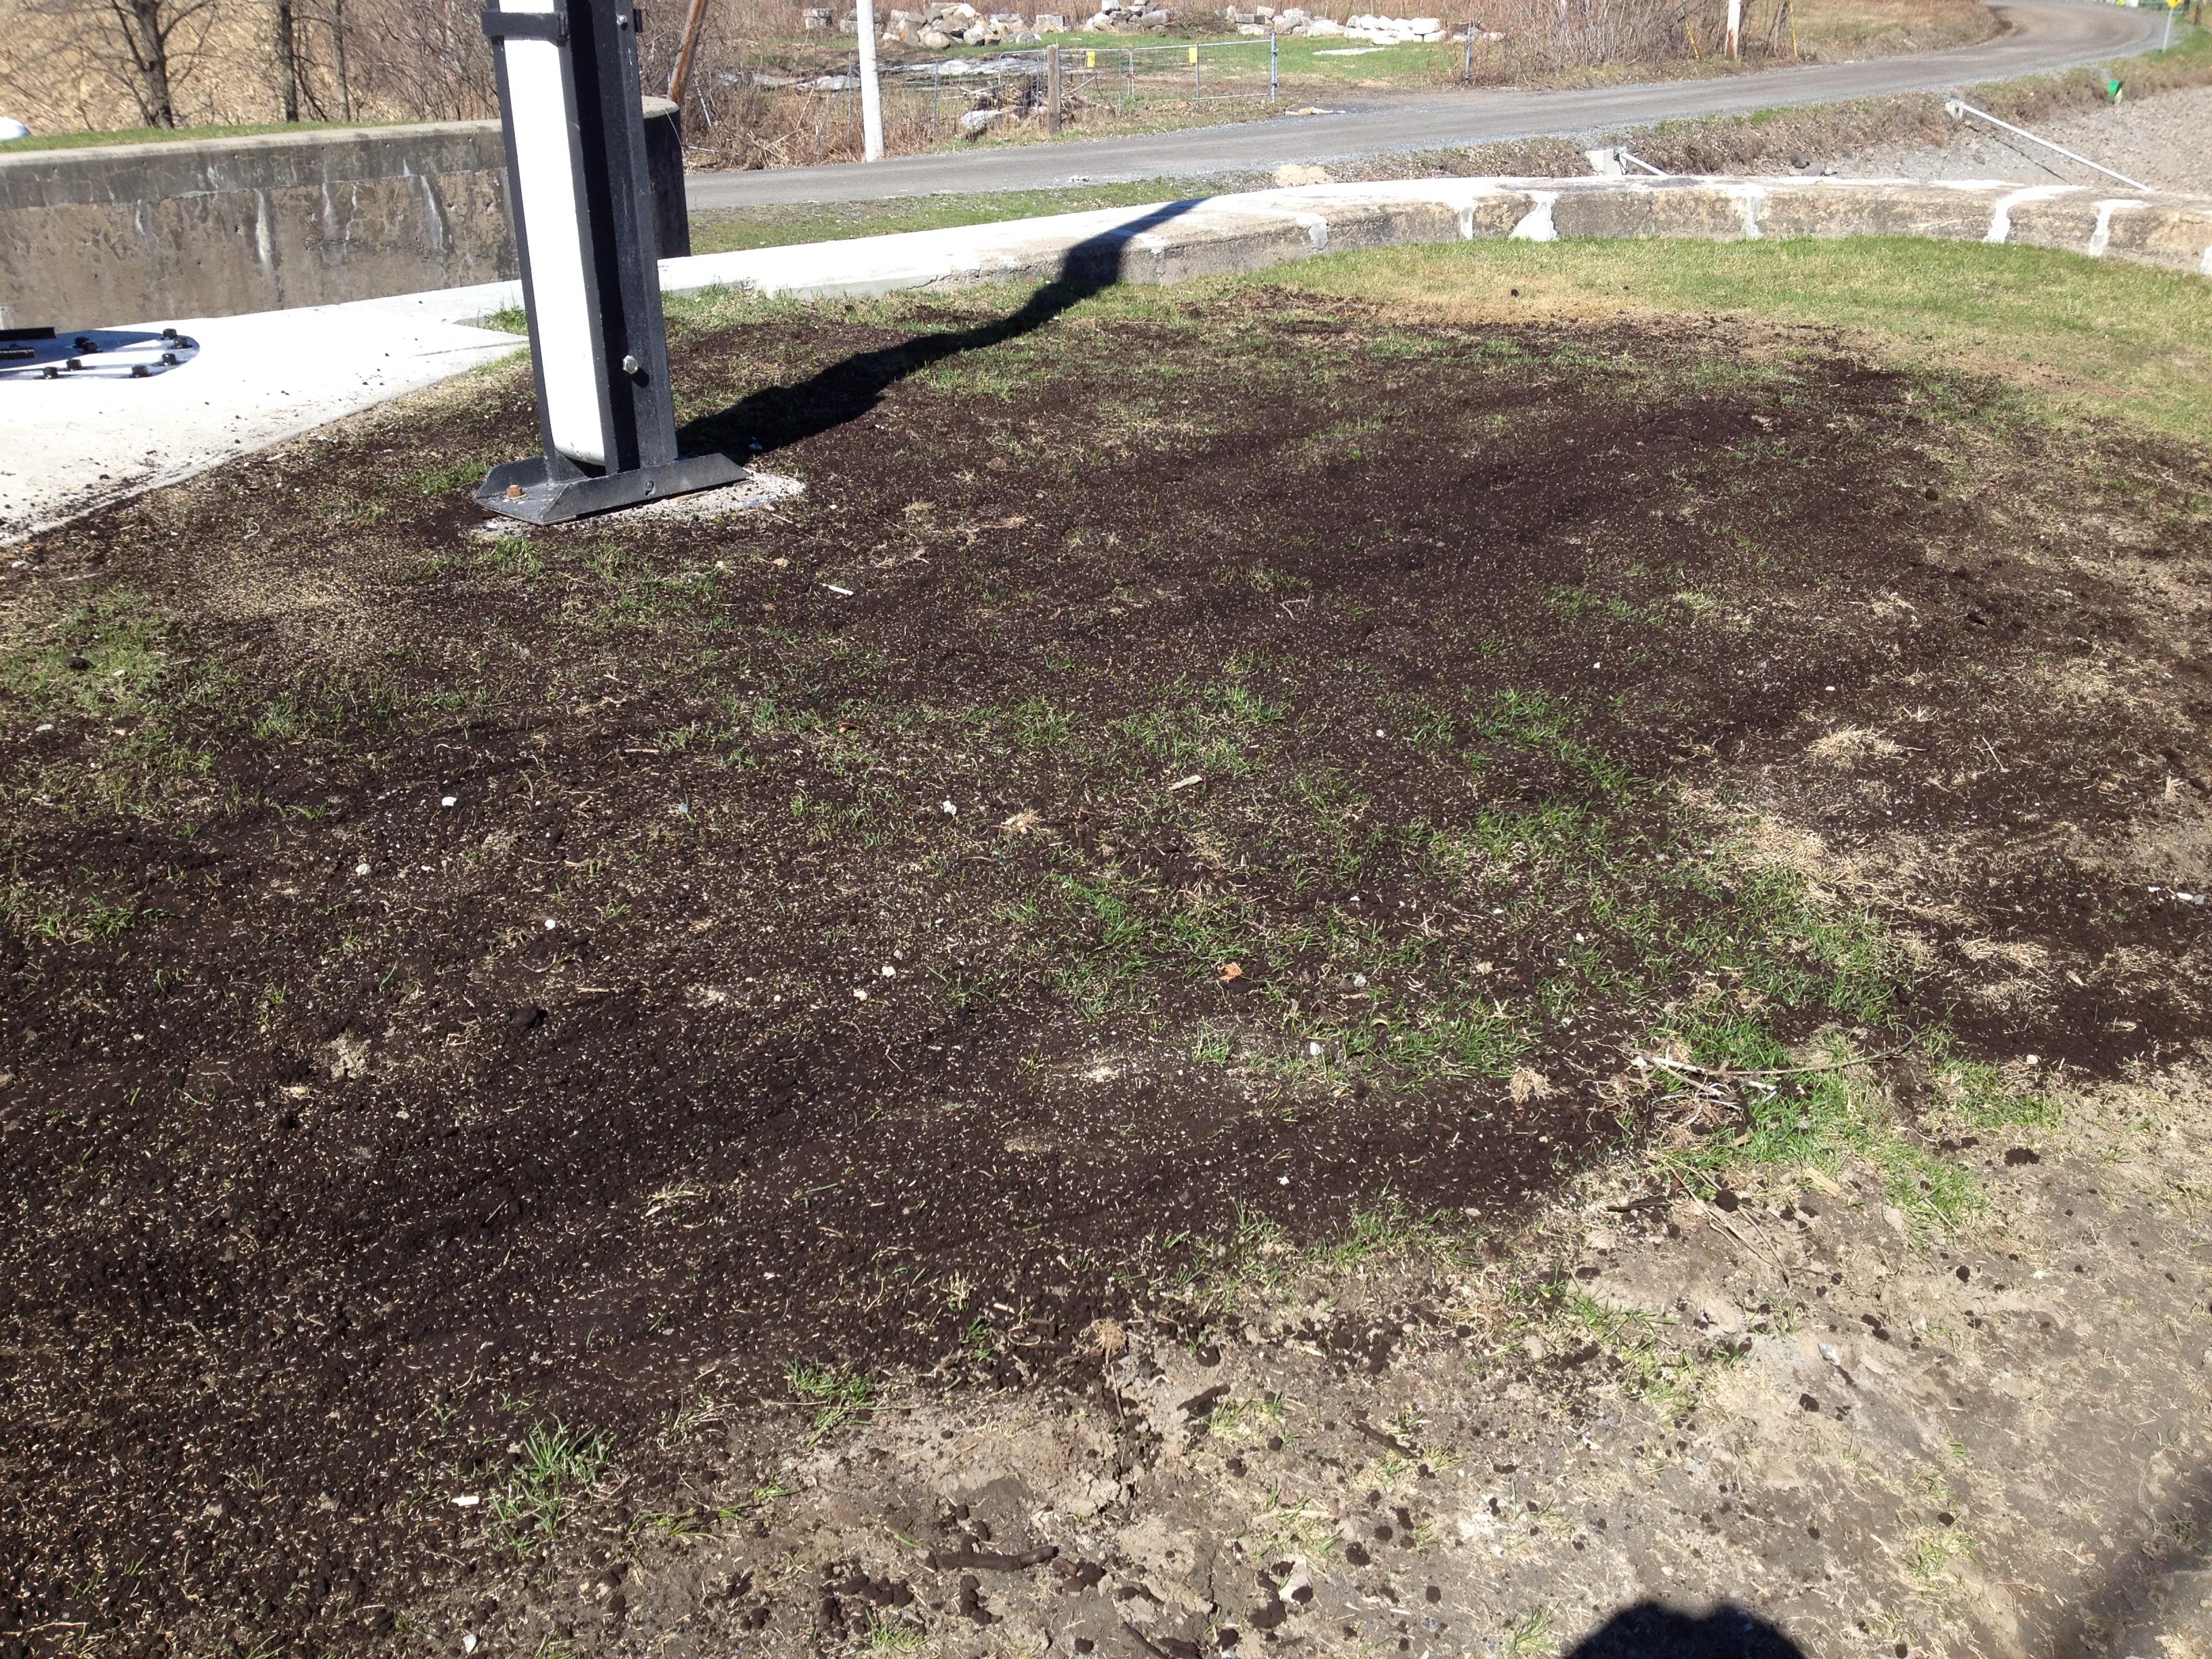 R fection et r ensemencement 1 sb pelouse for Refection pelouse prix